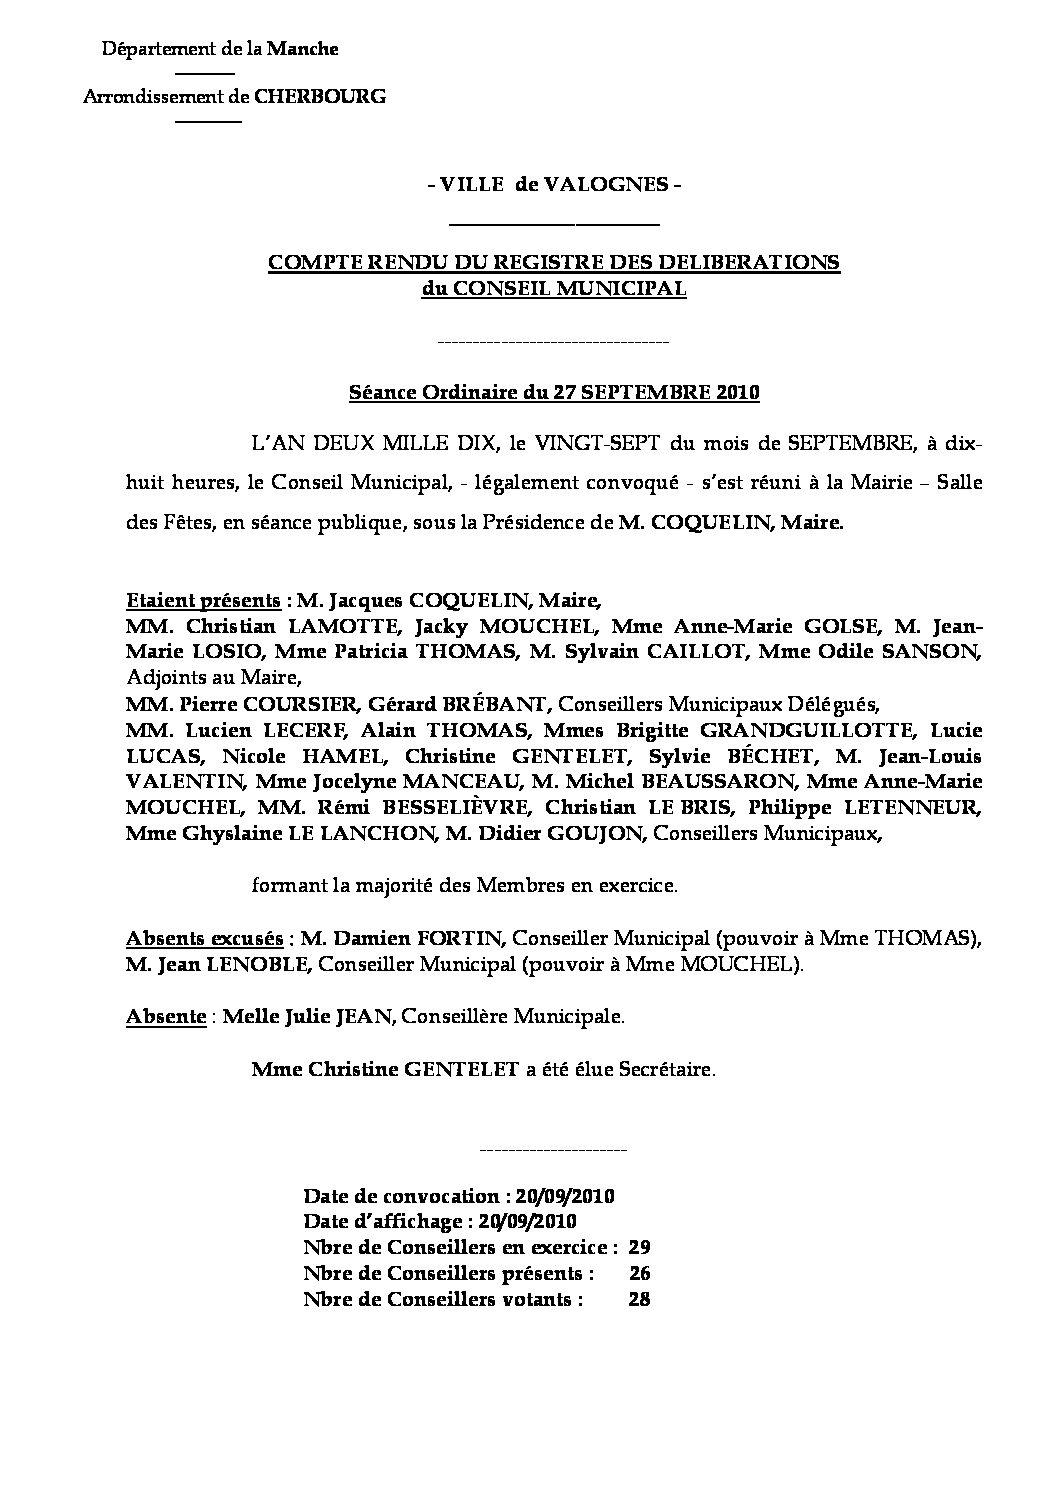 Extrait du registre des délibérations du 27-09-2010 - Compte rendu des questions soumises à délibération lors de la séance du lundi 27 septembre 2010.